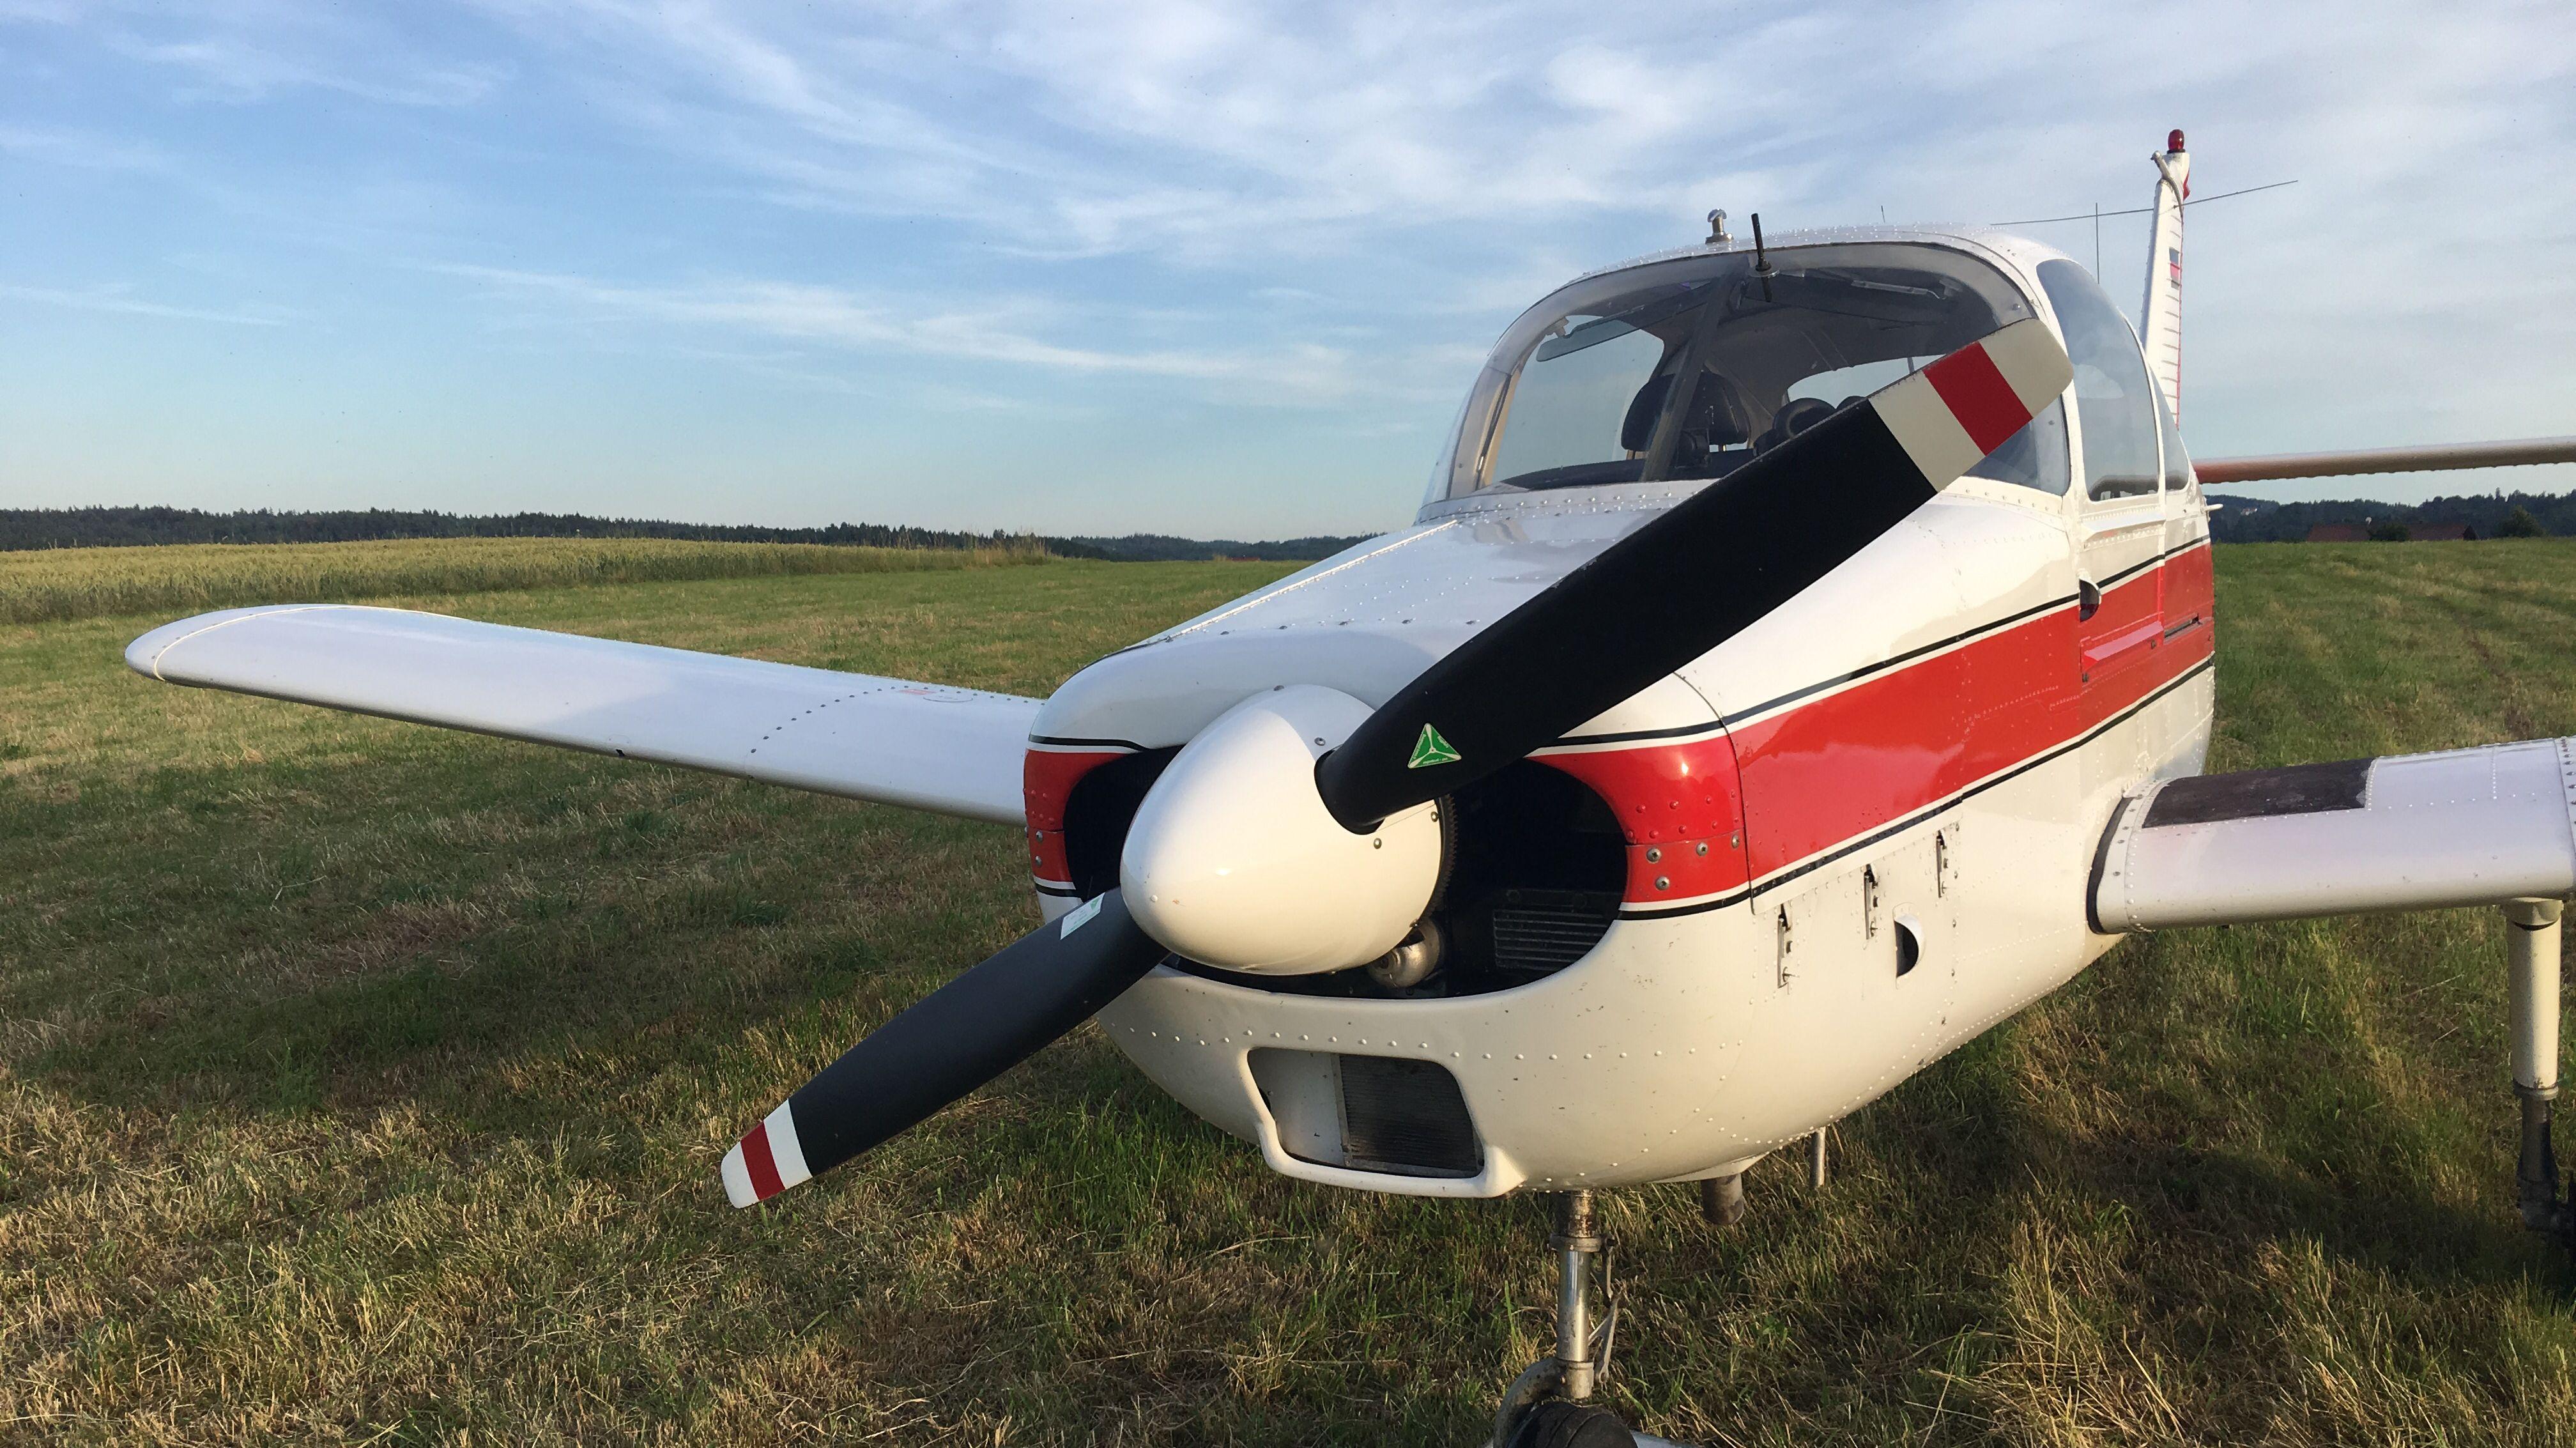 Am Abend musst ein Kleinflugzeug im Landkreis Deggendorf notlanden